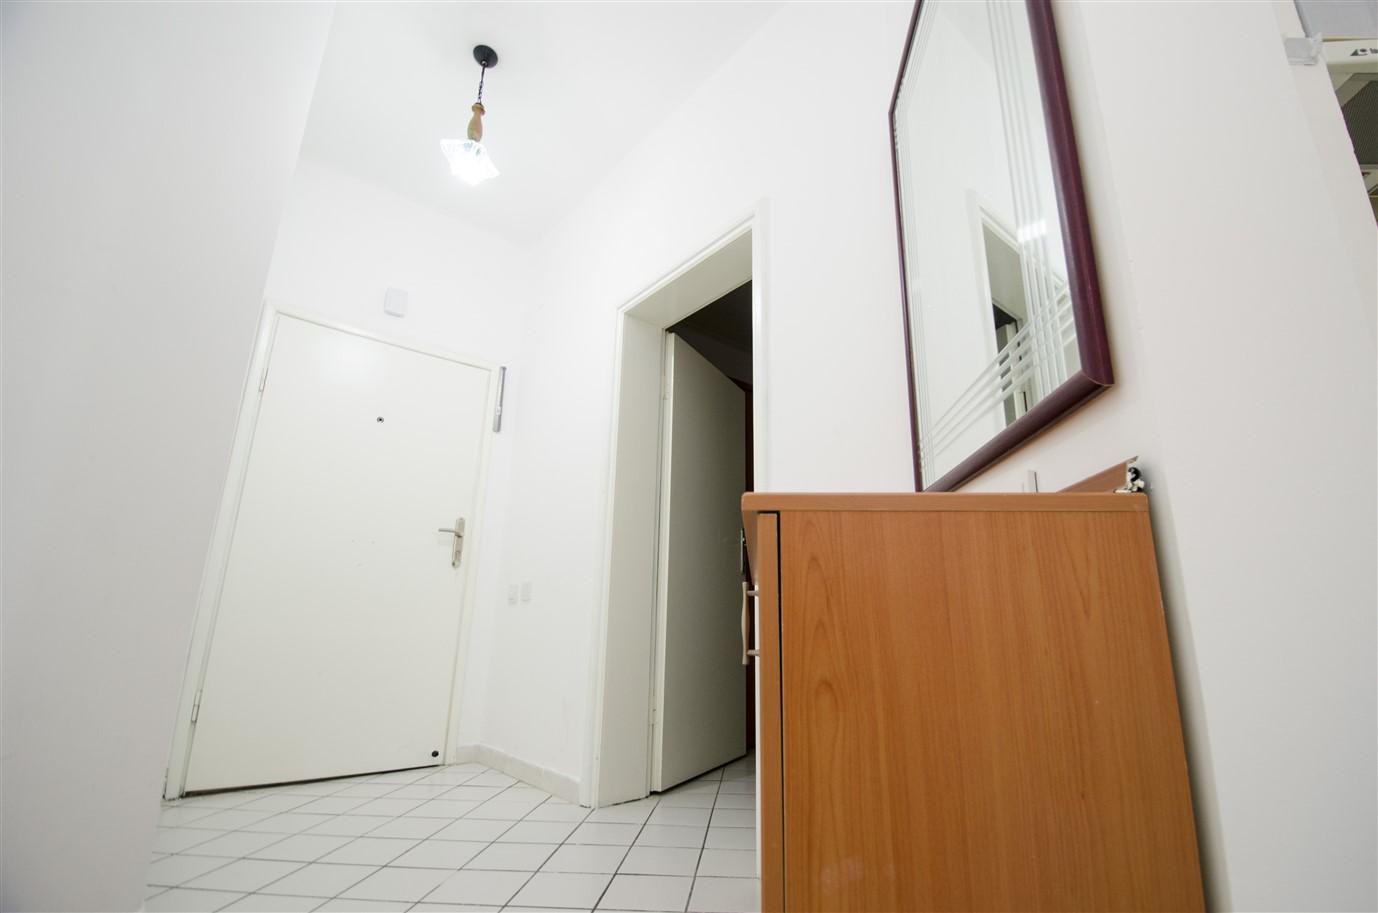 Квартира 1+1 с мебелью в районе Лиман Коньяалты Анталия - Фото 14